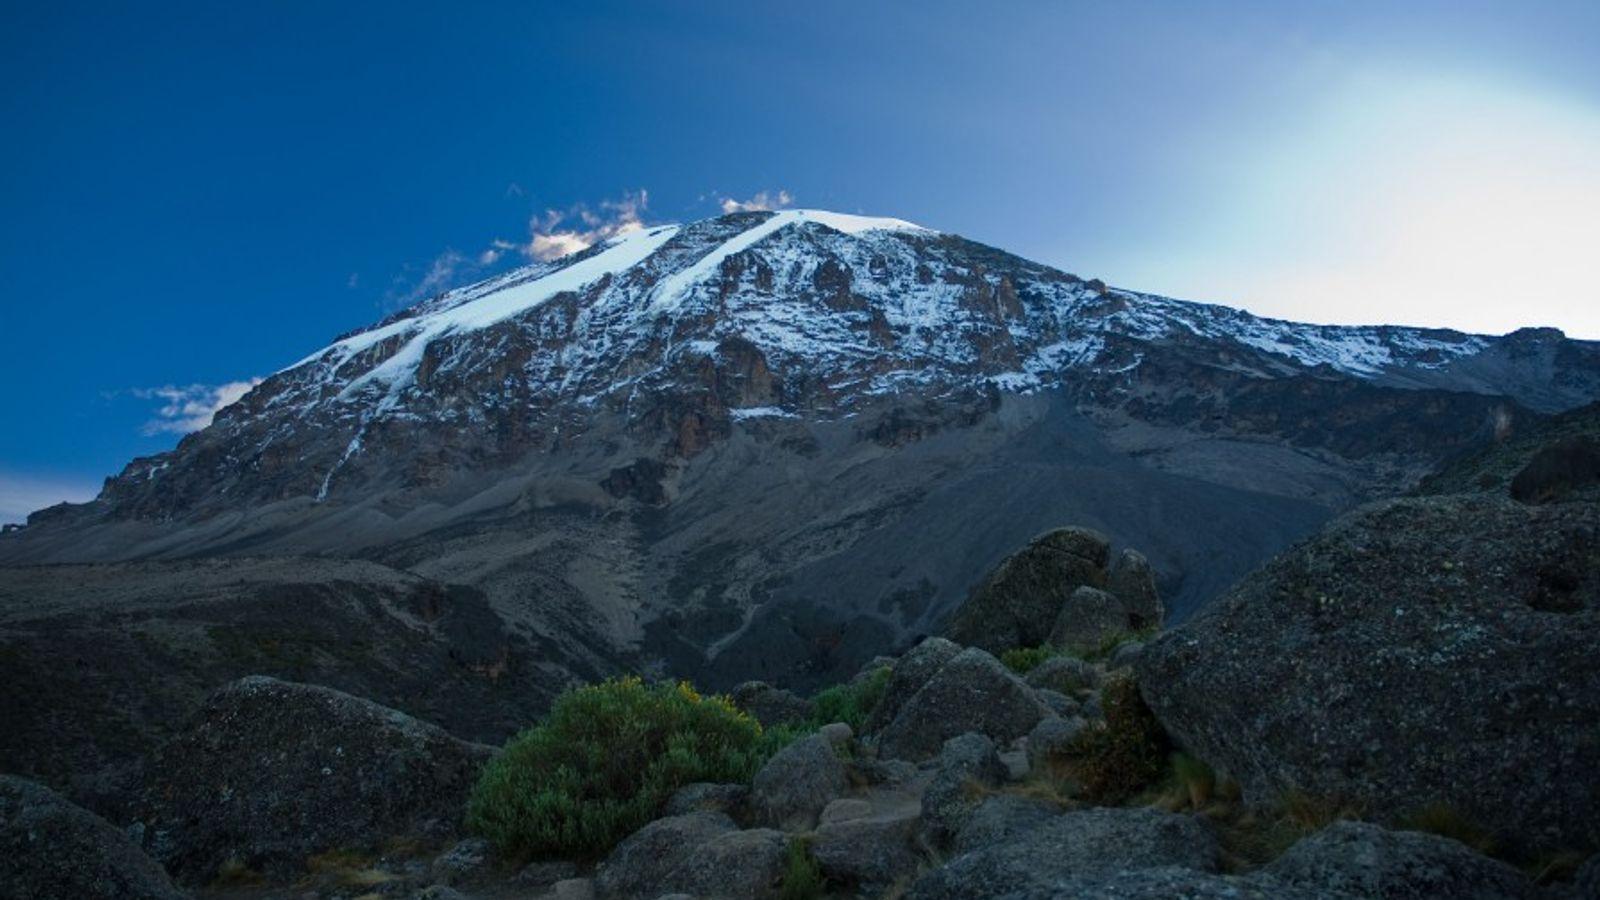 Prise de vue du Kilimanjaro, montagne située dans le Nord-Est de la Tanzanie et composée de ...